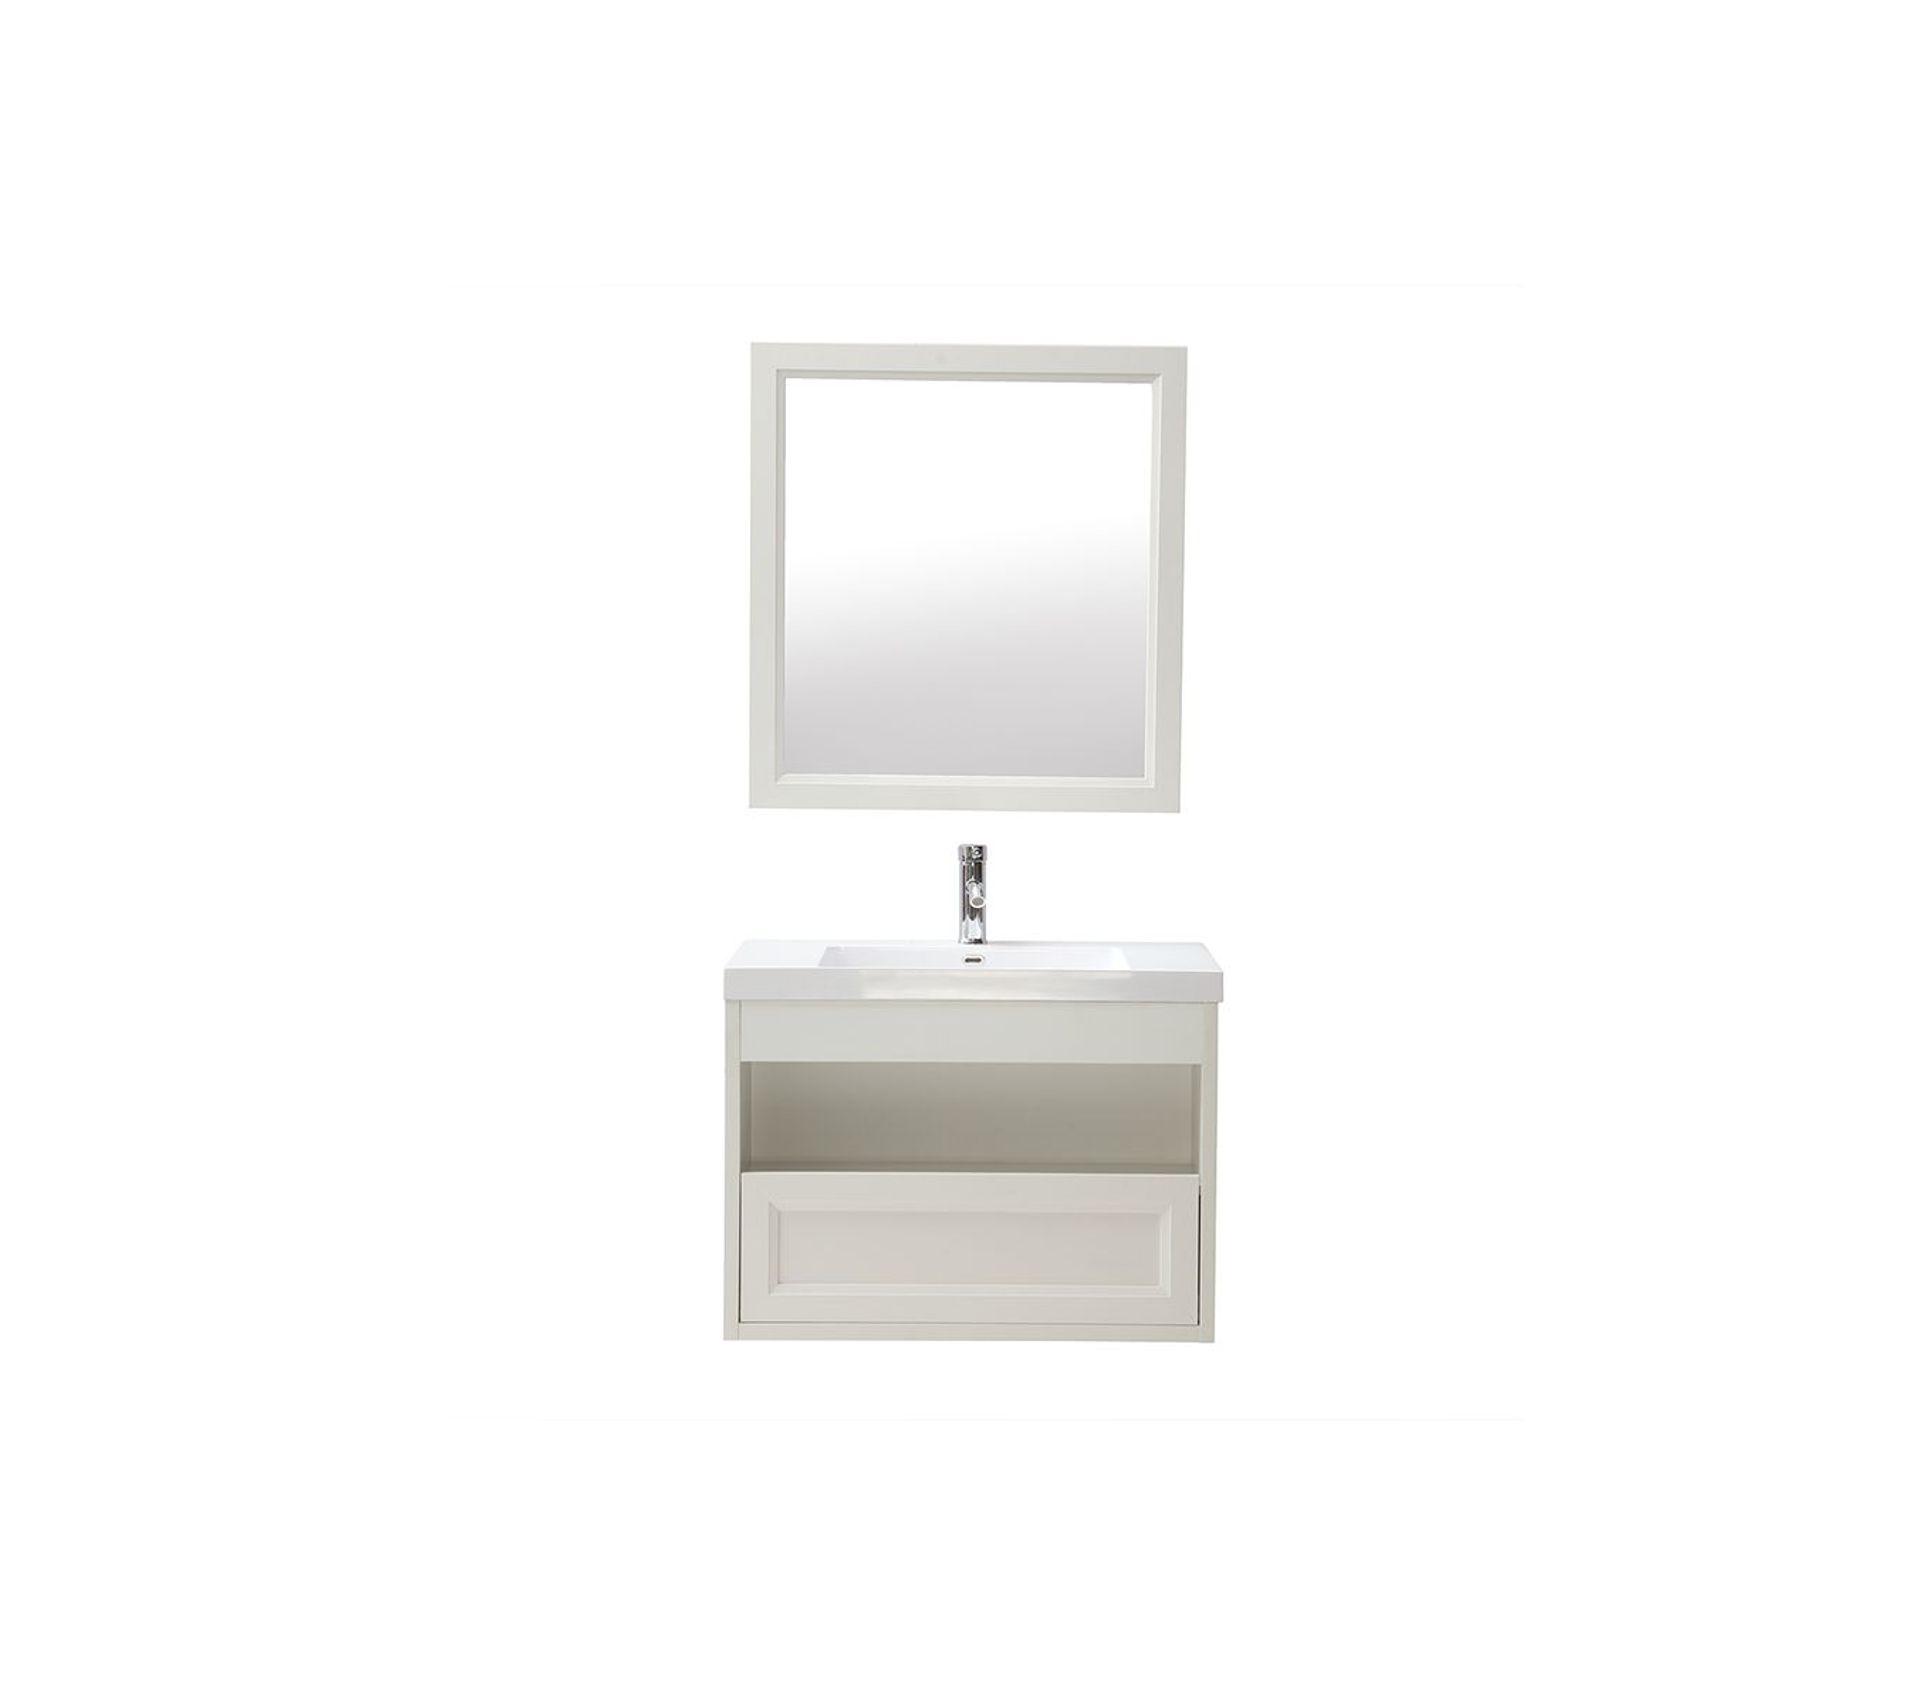 Vasque Salle De Bain A Suspendre meuble de salle de bains suspendu avec vasque, miroir et rangement blanc  river